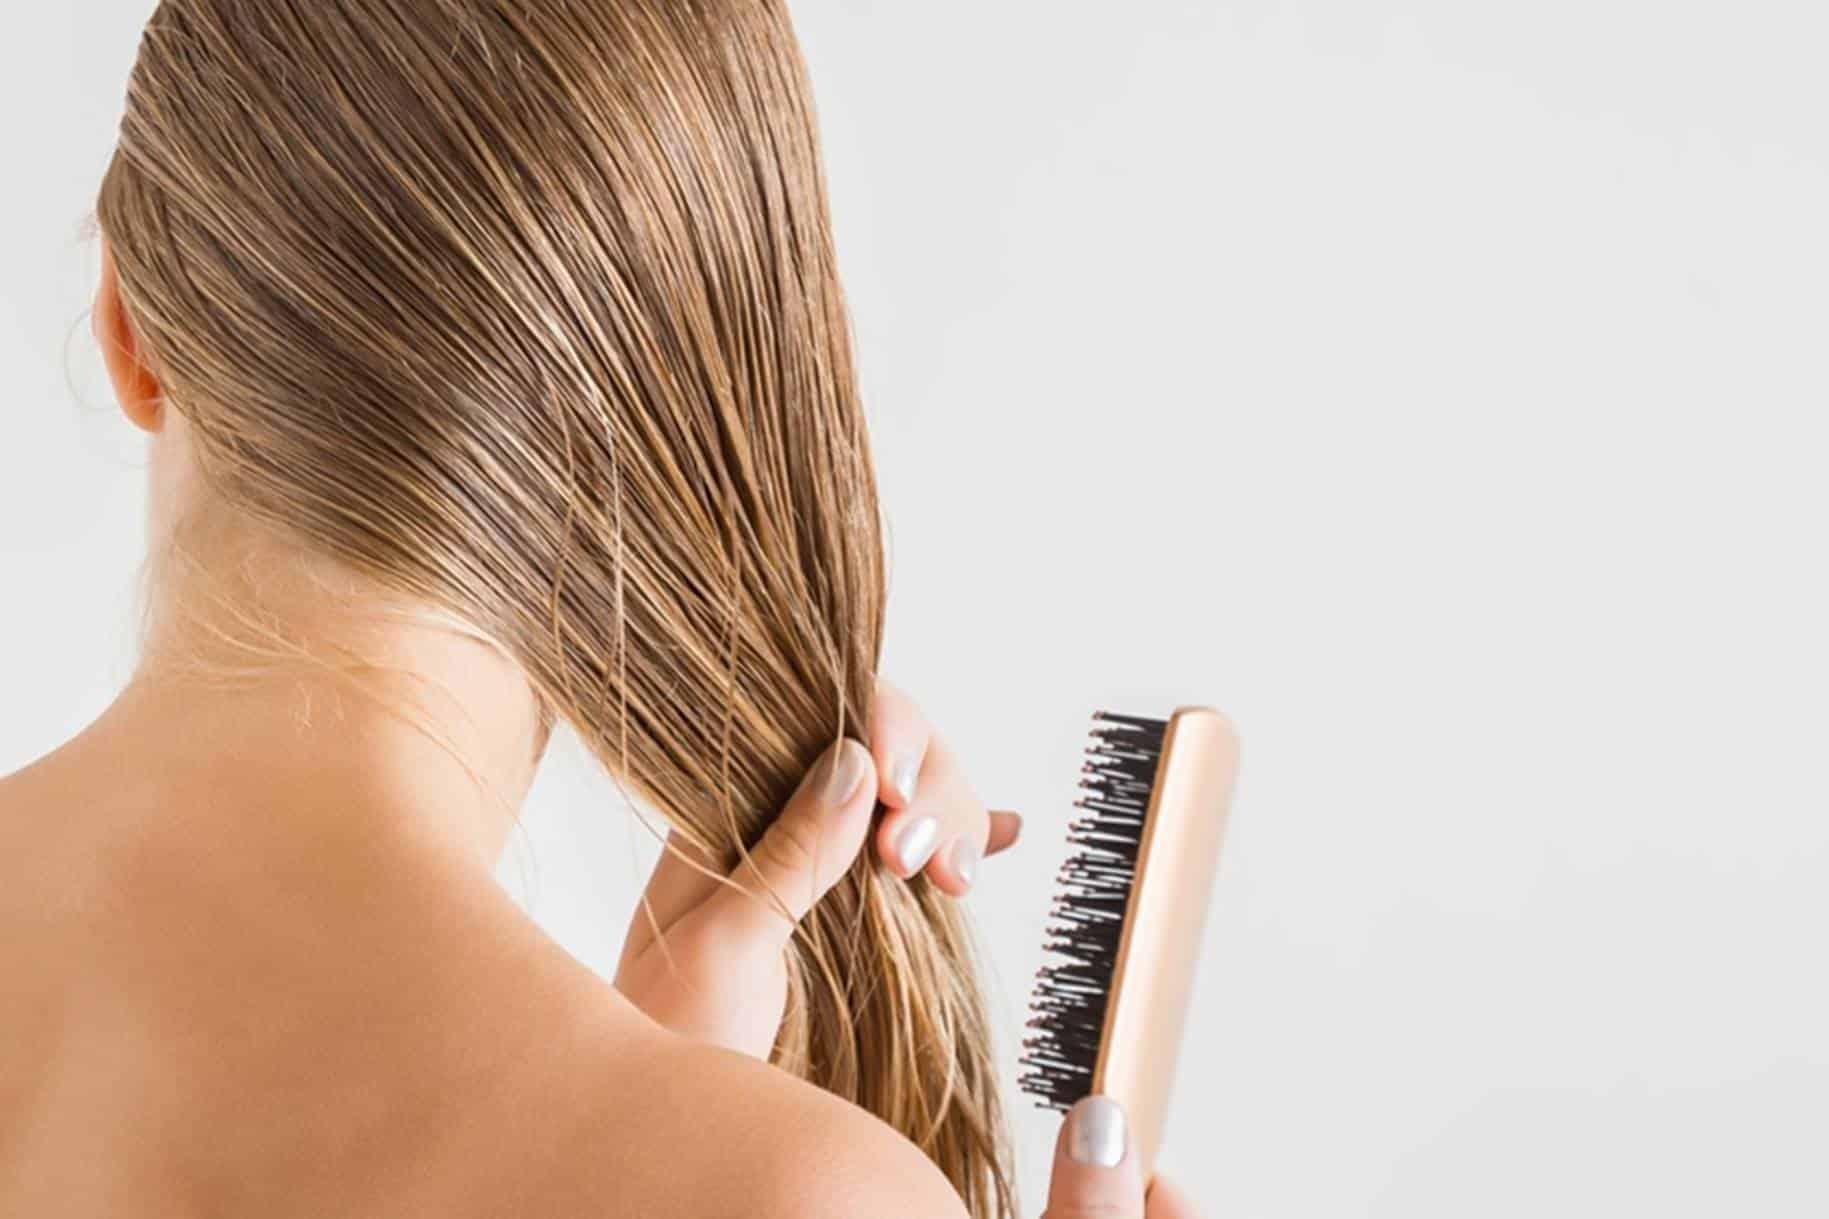 Elimine o ressecamento e o frizz do cabelo usando gel caseiro de linhaça